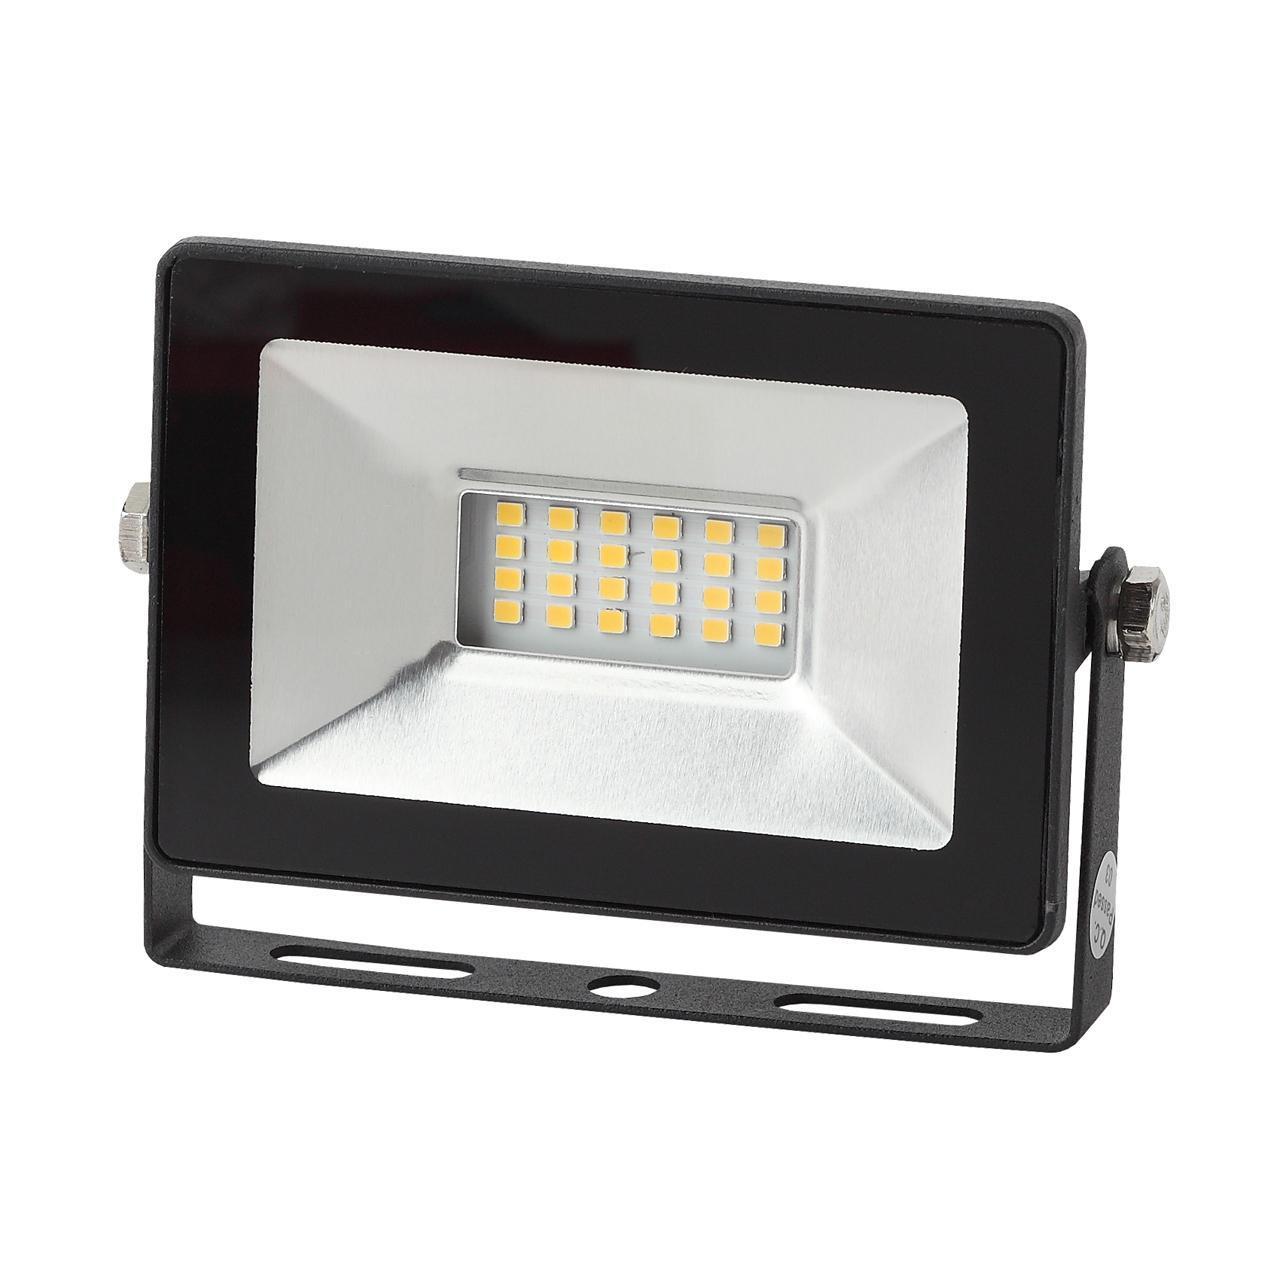 Прожектор Эра LPR-20-6500K SMD Eco Slim, 20 Вт прожектор эра 30 вт